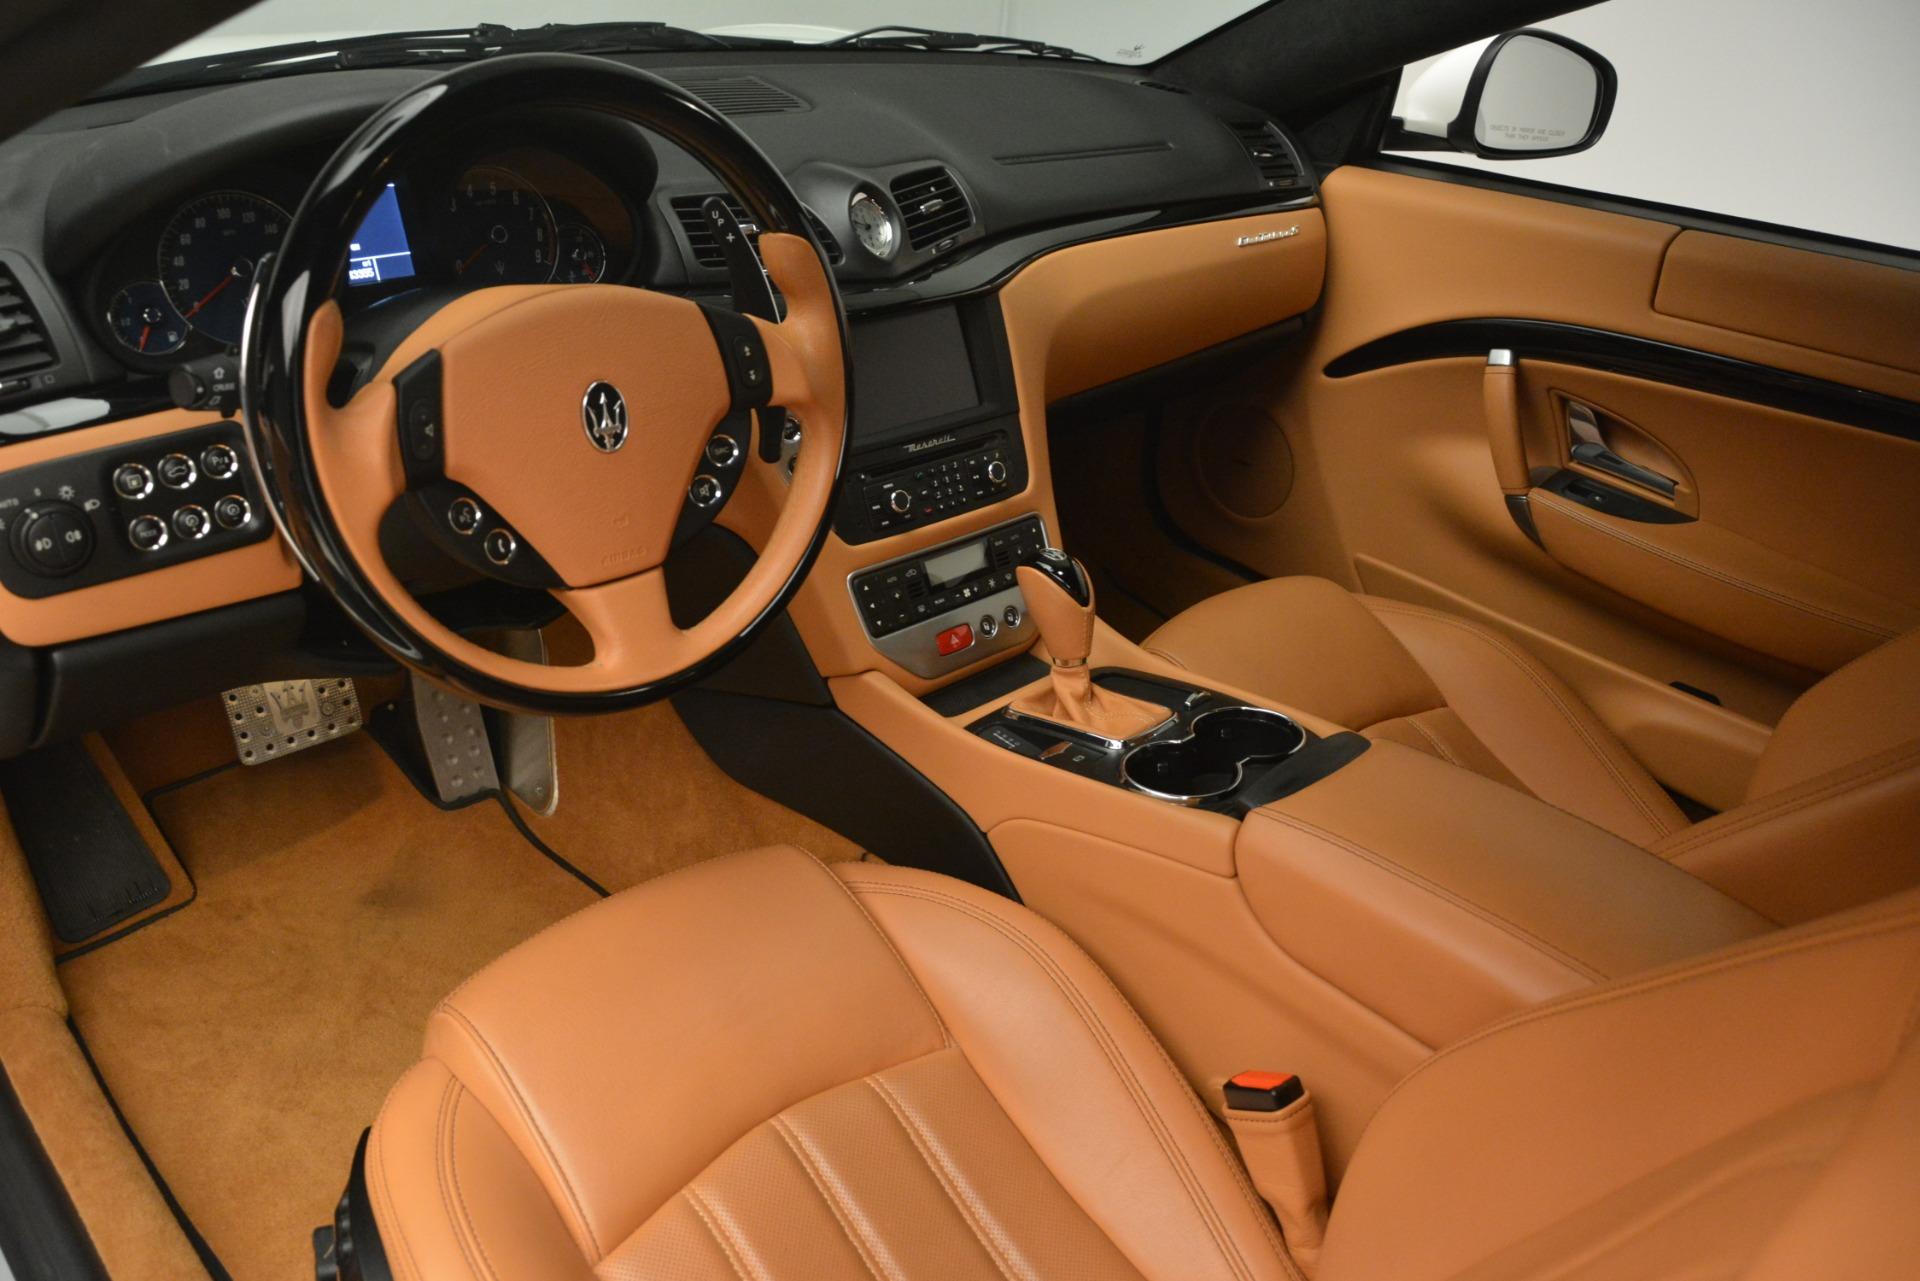 Used 2011 Maserati GranTurismo S Automatic For Sale In Greenwich, CT 3061_p13